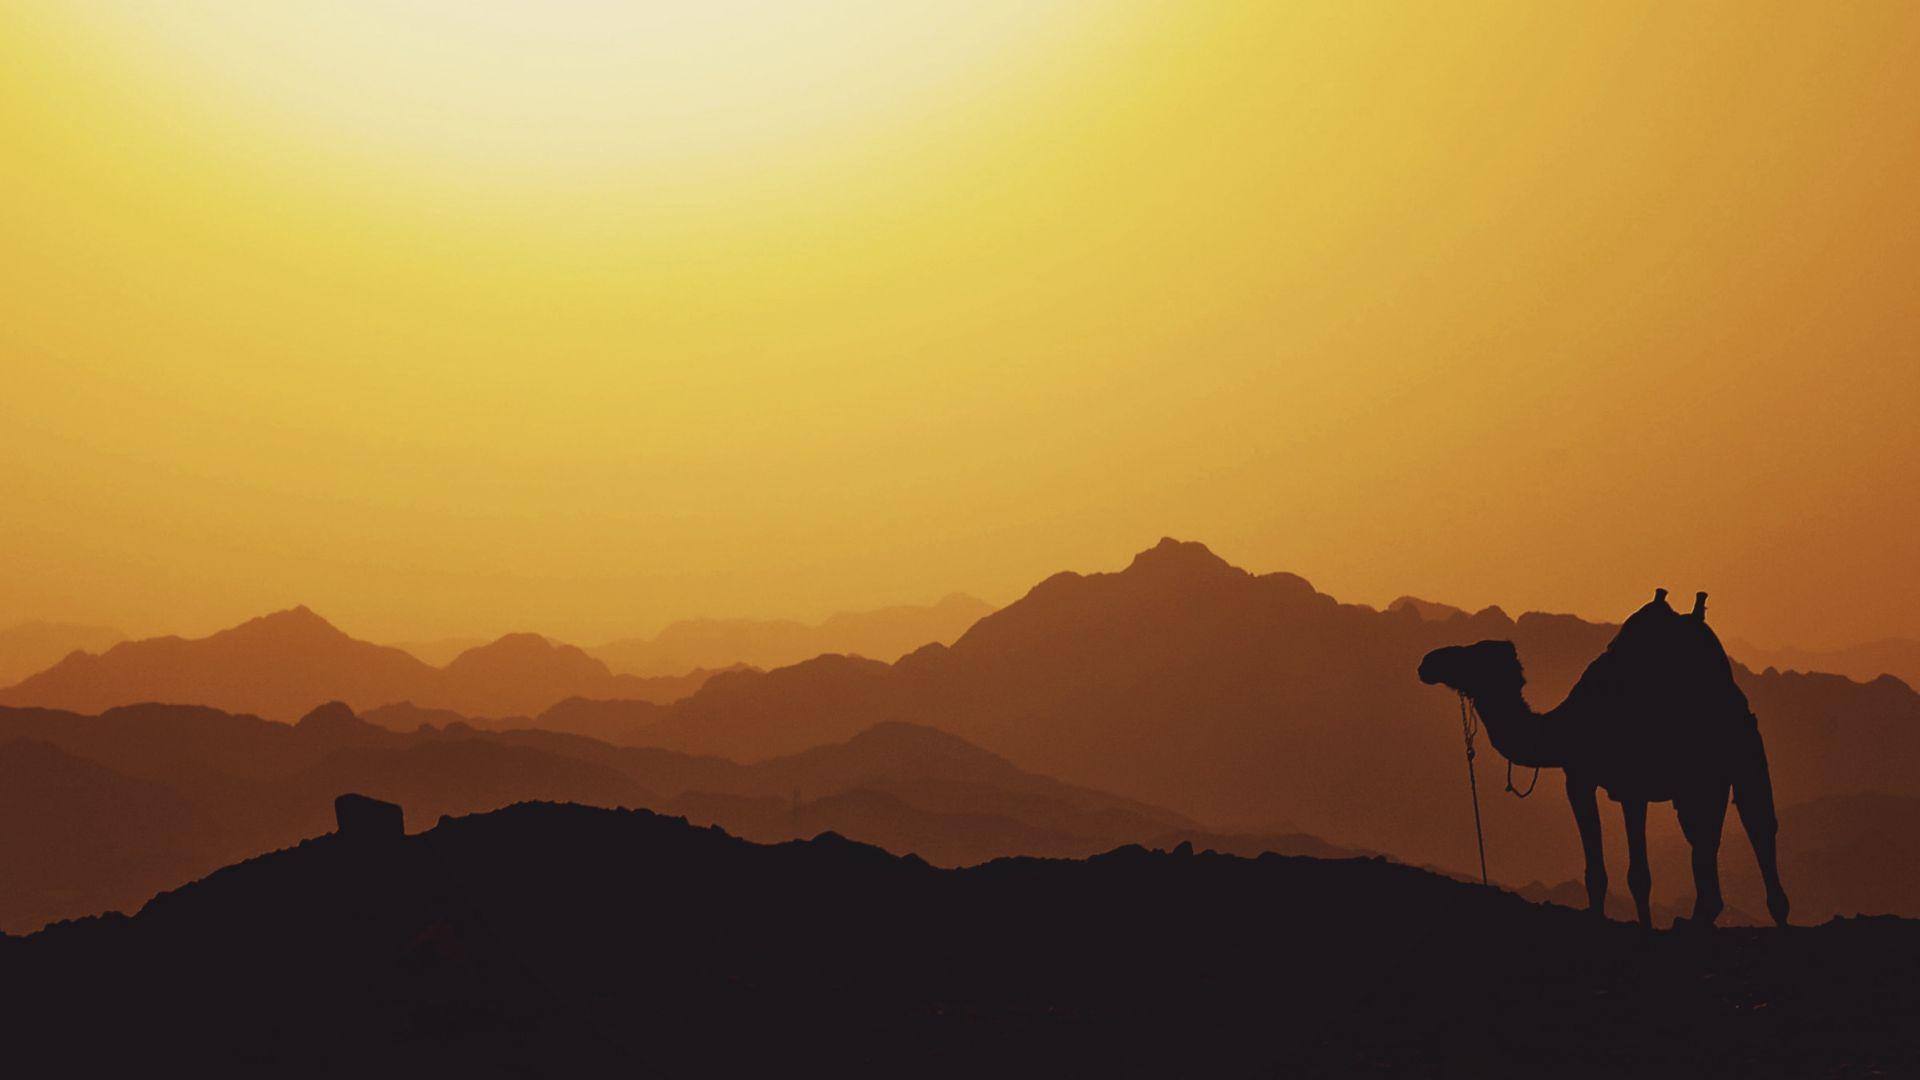 Wallpaper Camel, animal, mountains, sunset, horizon